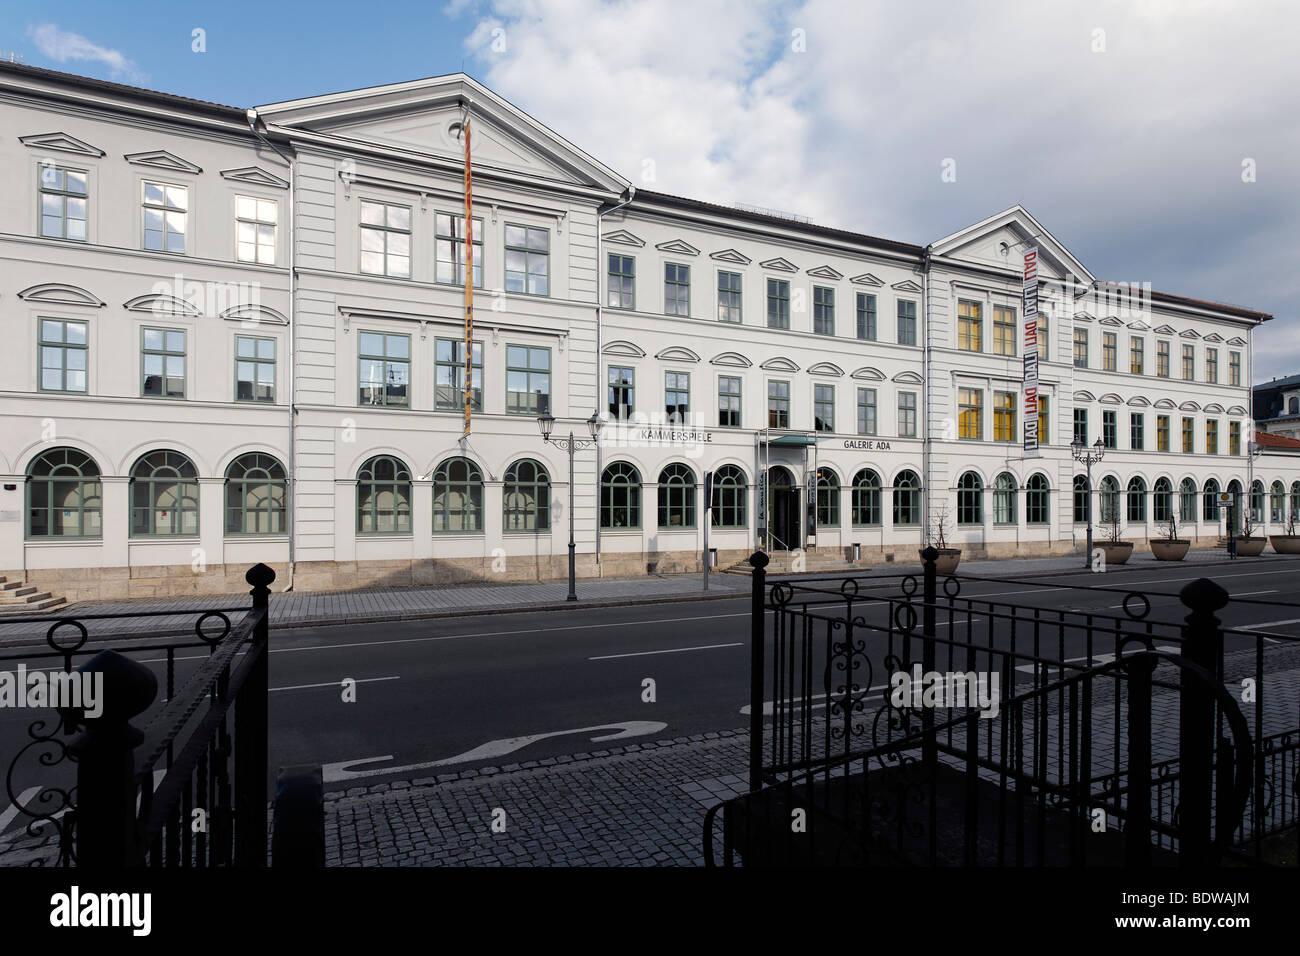 Former department store and school building, historic façade, renovated, Bernardstrasse street, Meiningen, Rhoen, Stock Photo